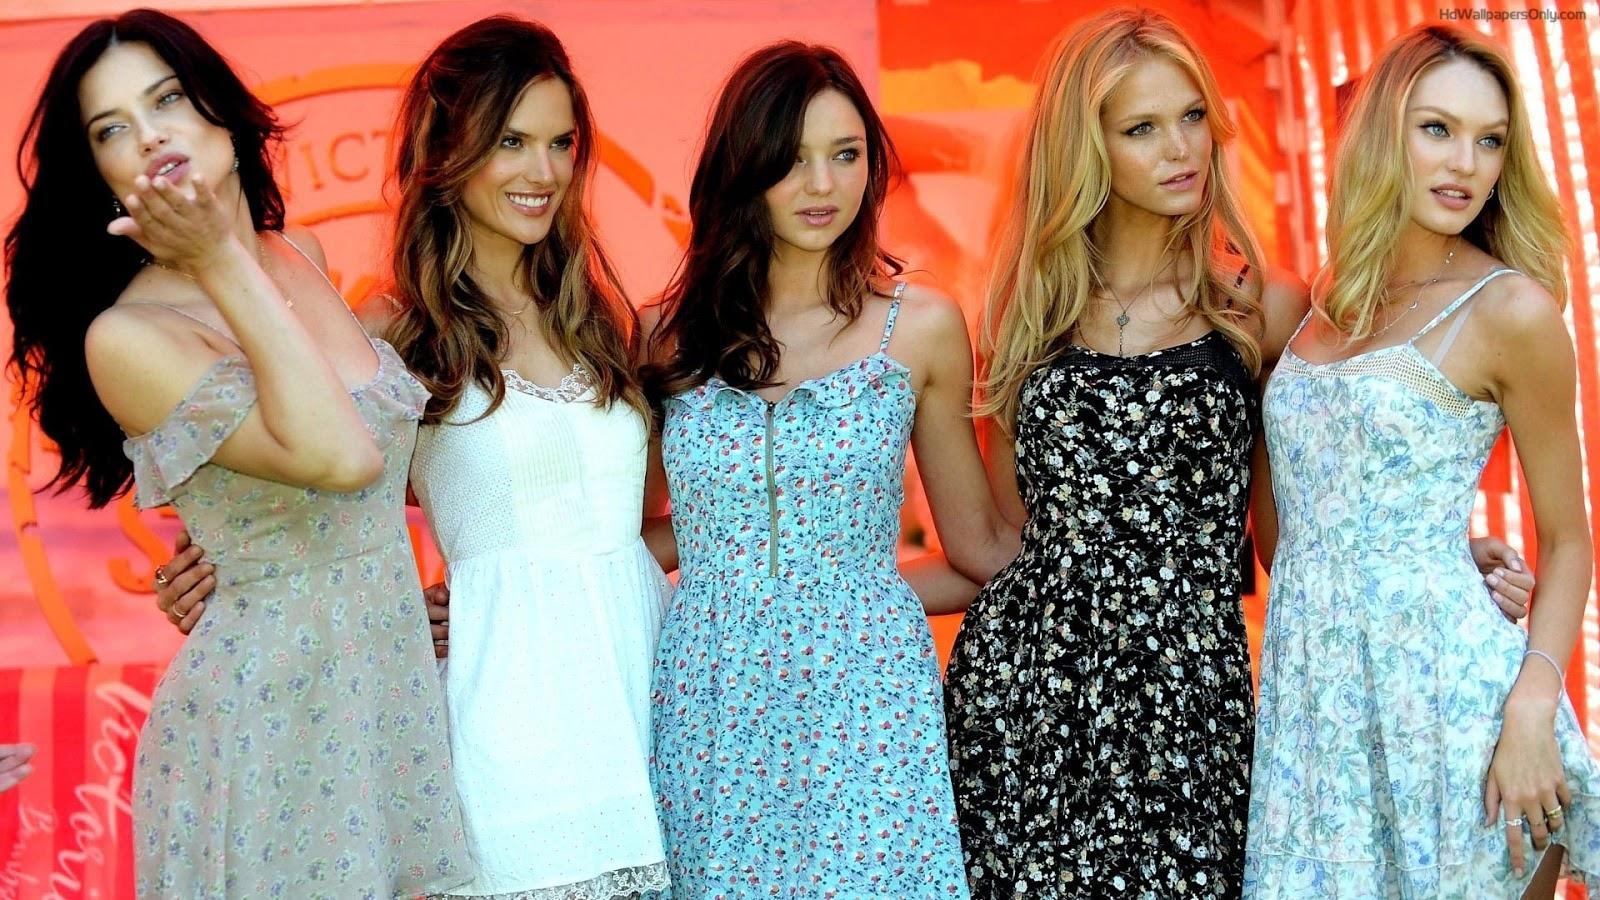 Top 10 victoria's secret angels/models